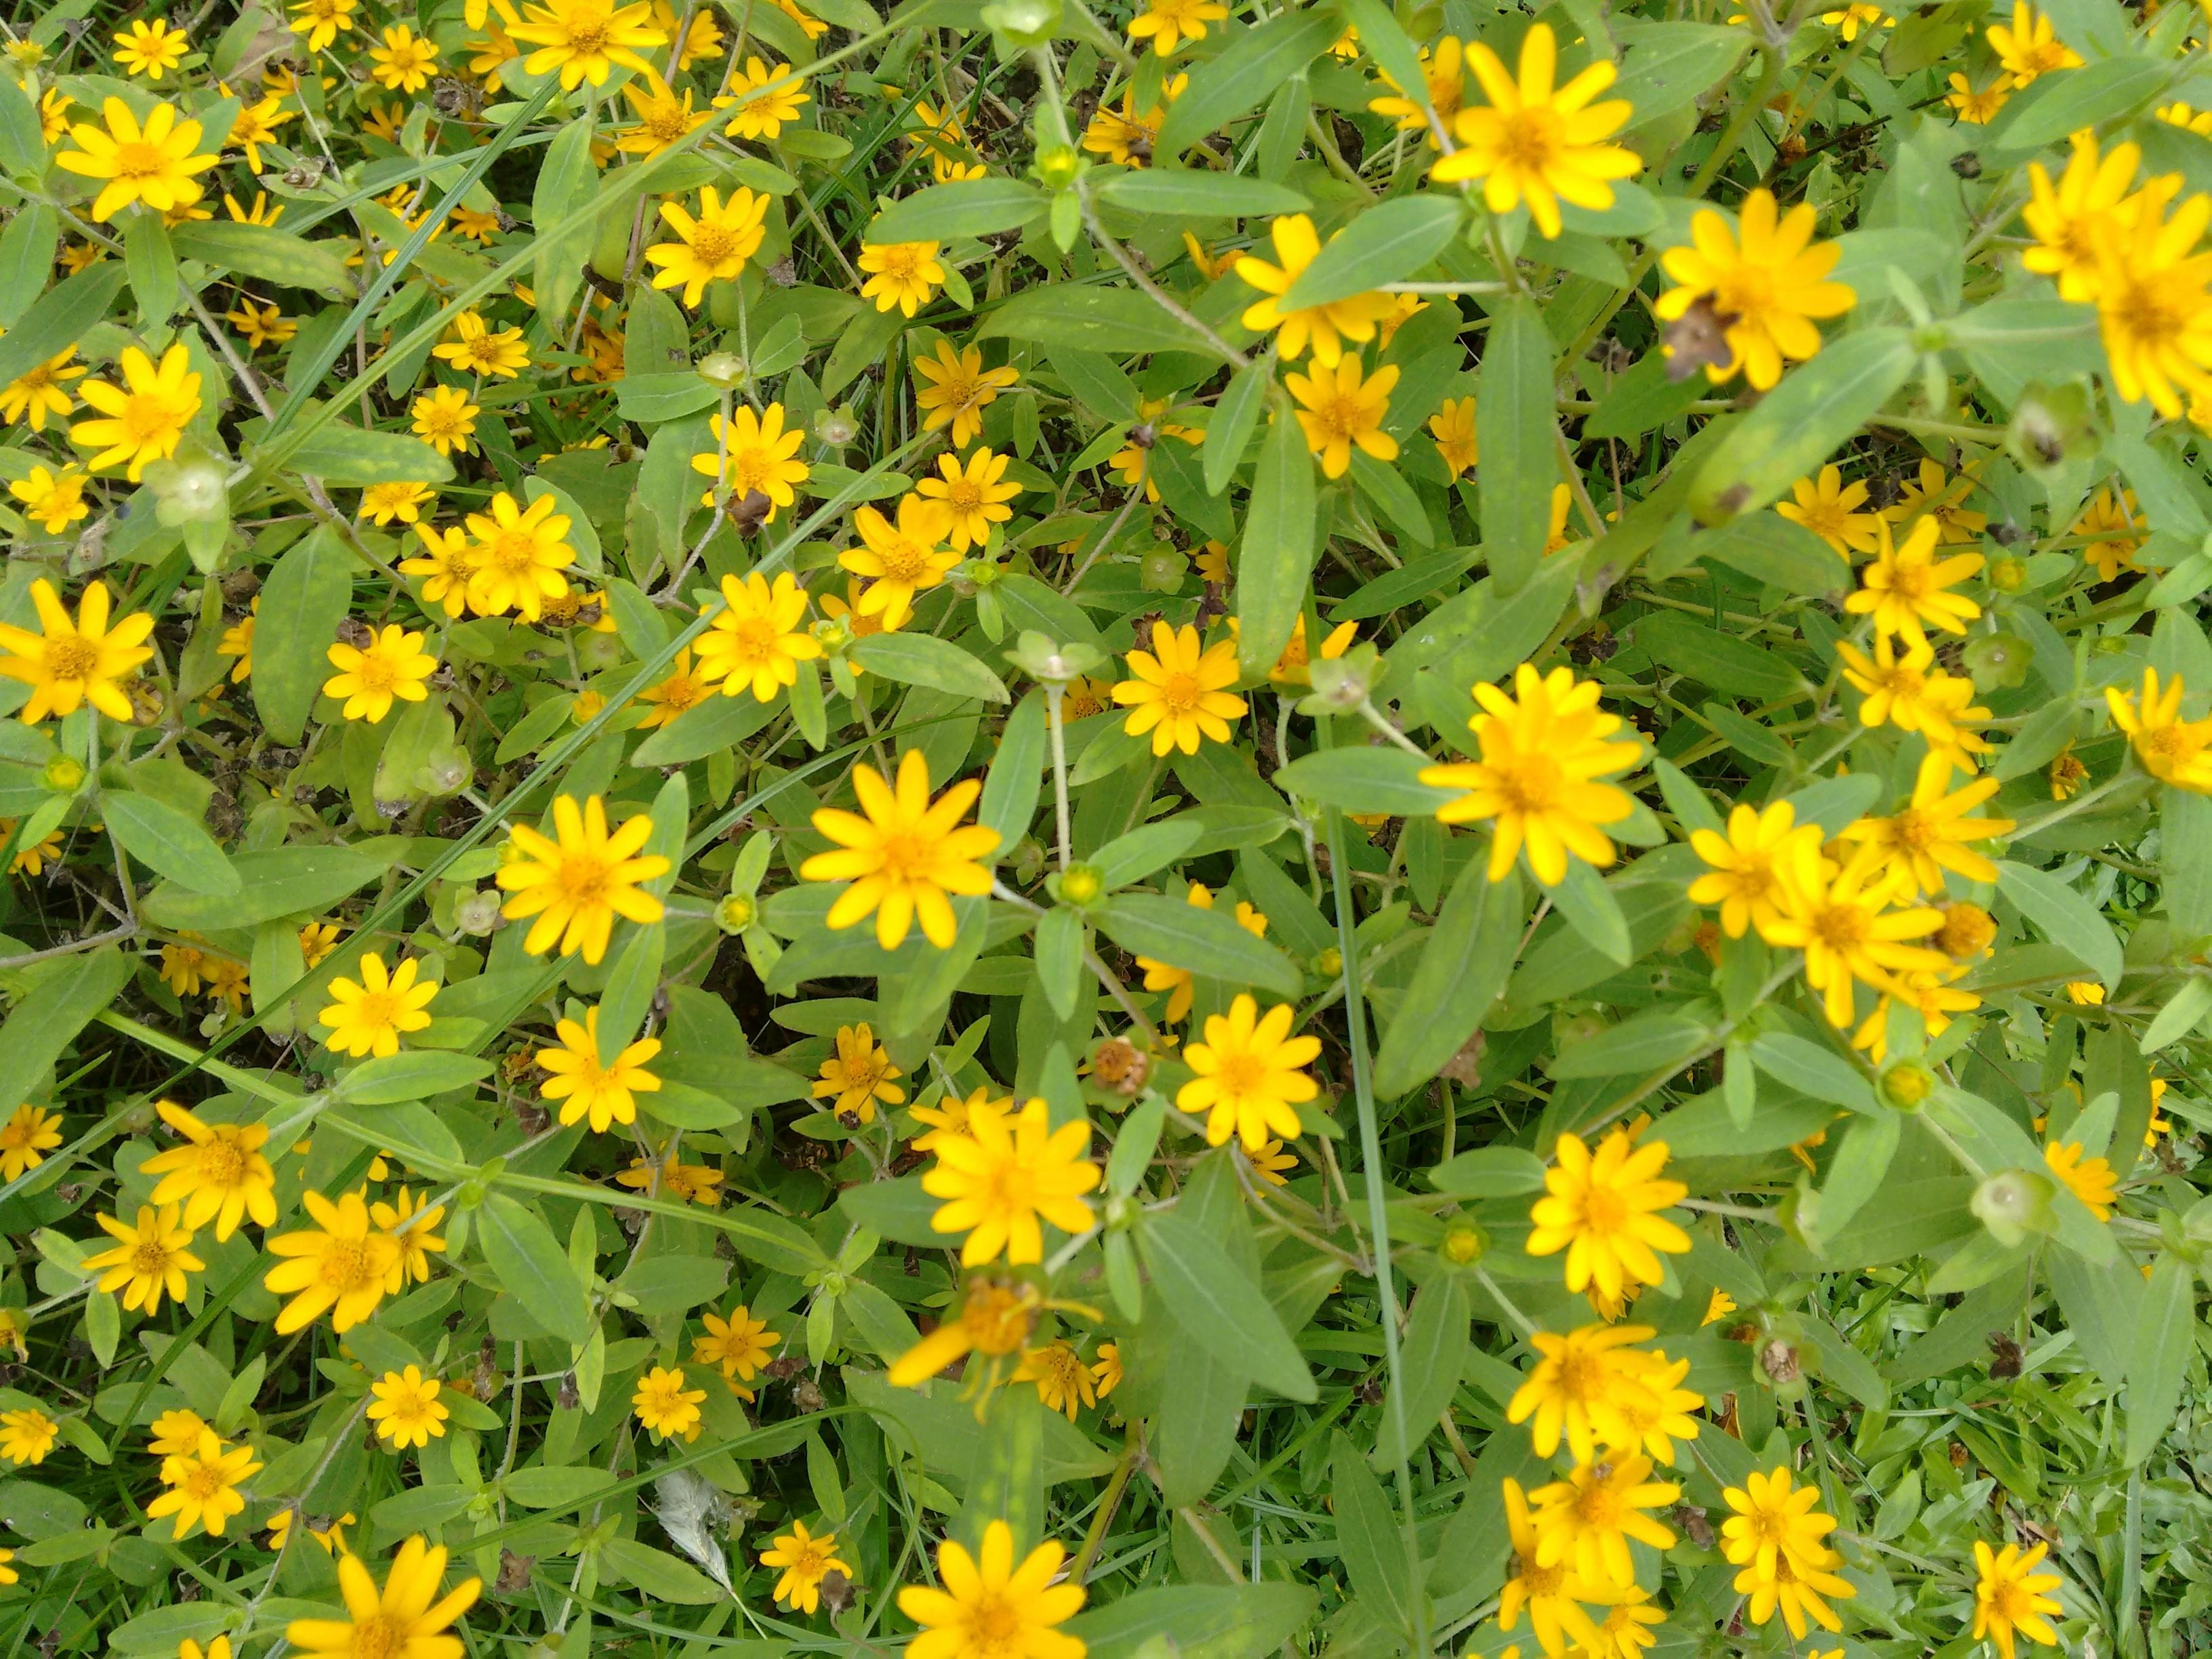 Fiori Di Campo Gialli.Immagini Belle Prato Fiore Erba Giallo Flora Fiore Di Campo